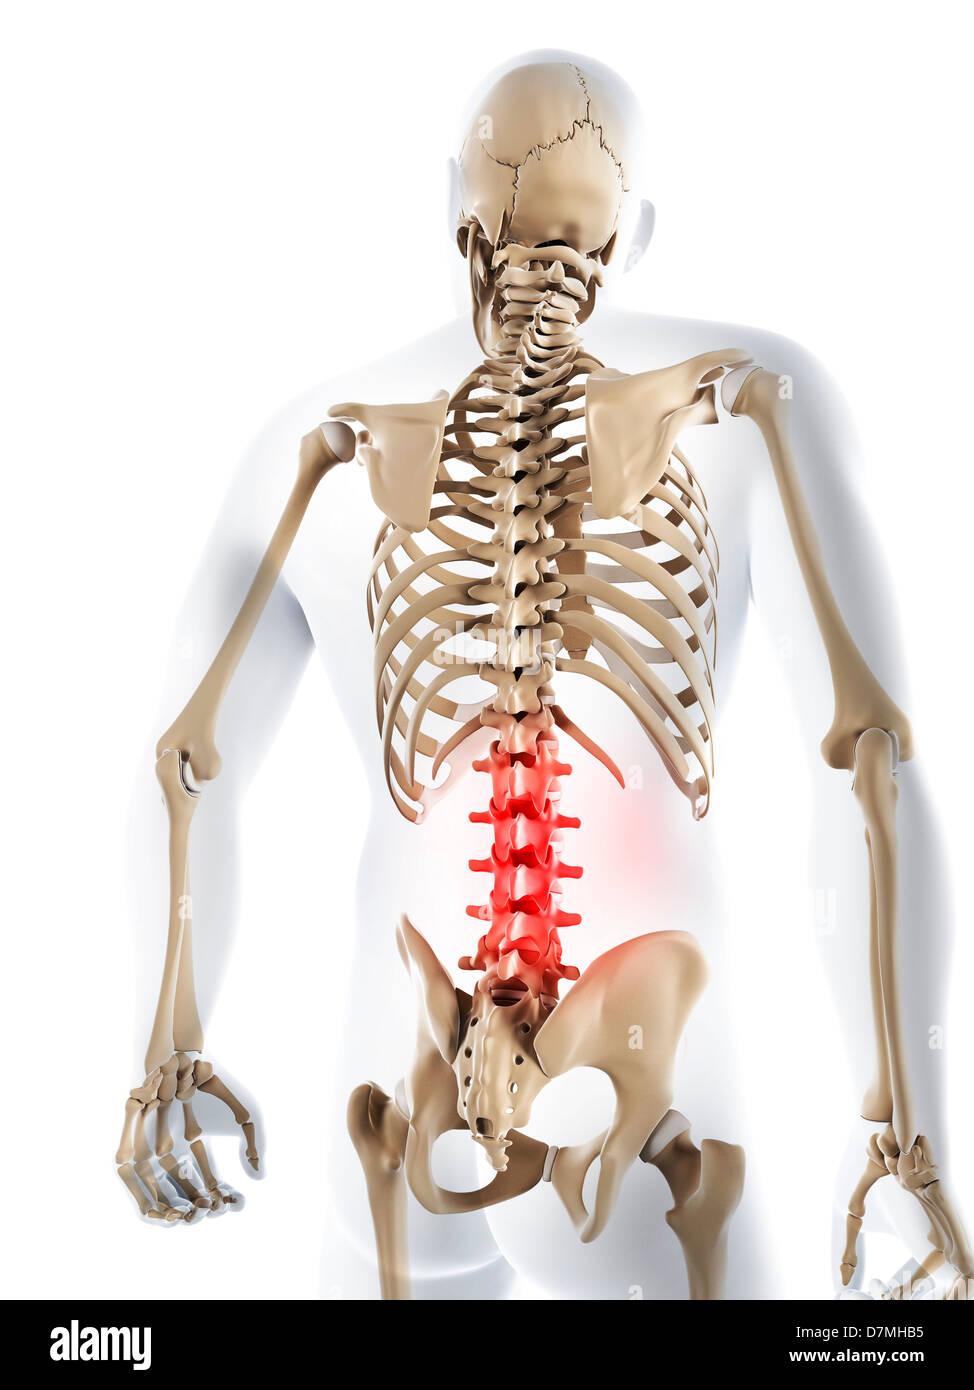 Schmerzen im unteren Rücken, konzeptuellen Kunstwerk Stockfoto, Bild ...